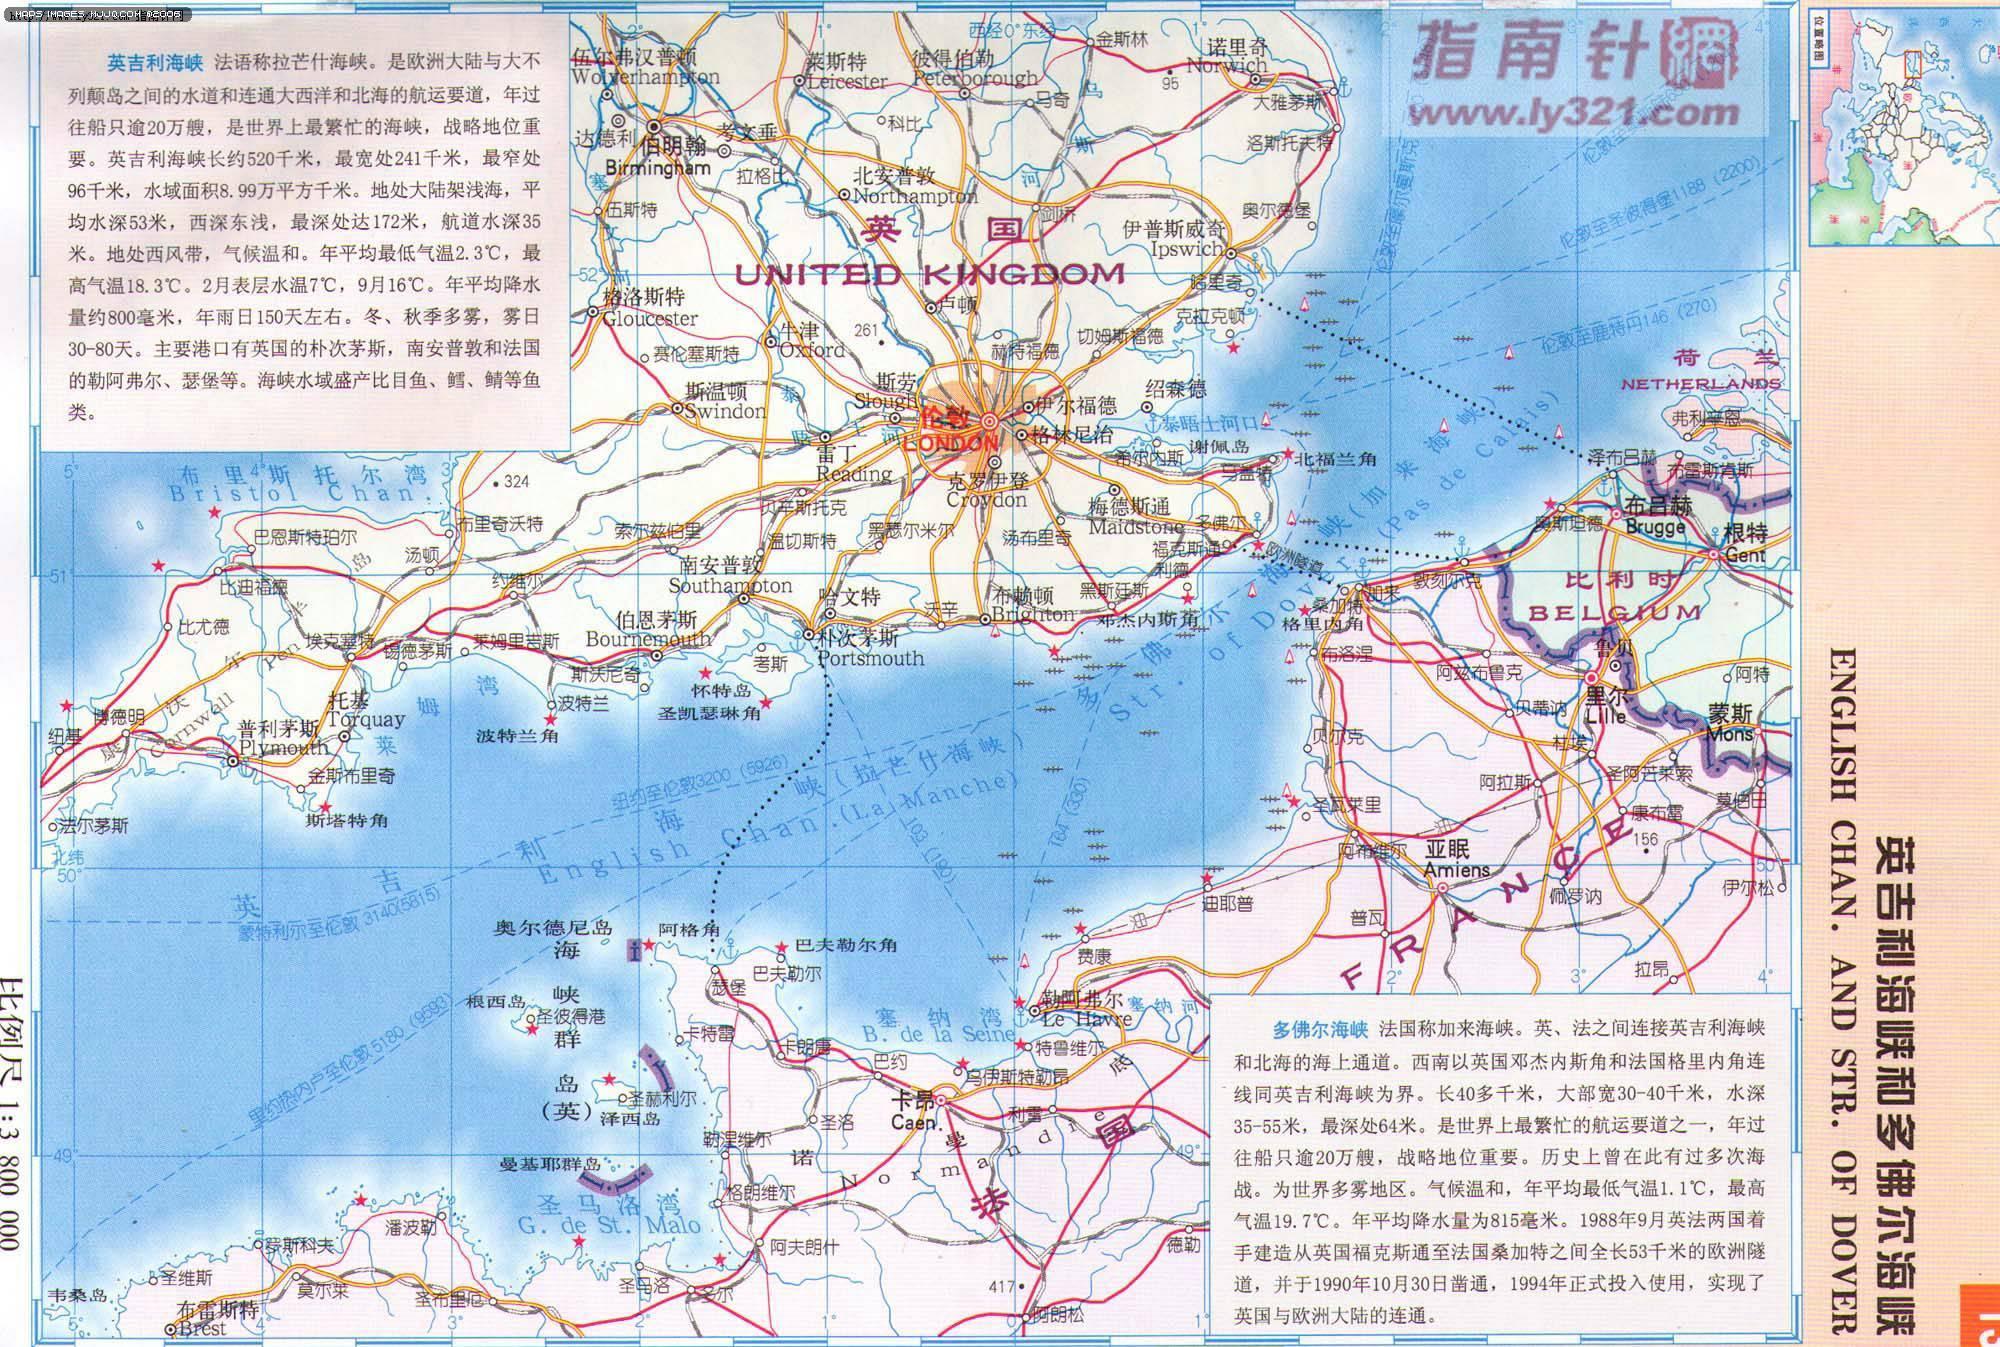 多佛尔海峡地图- 欧洲地图Europe Map.世界地图- 美景旅游网